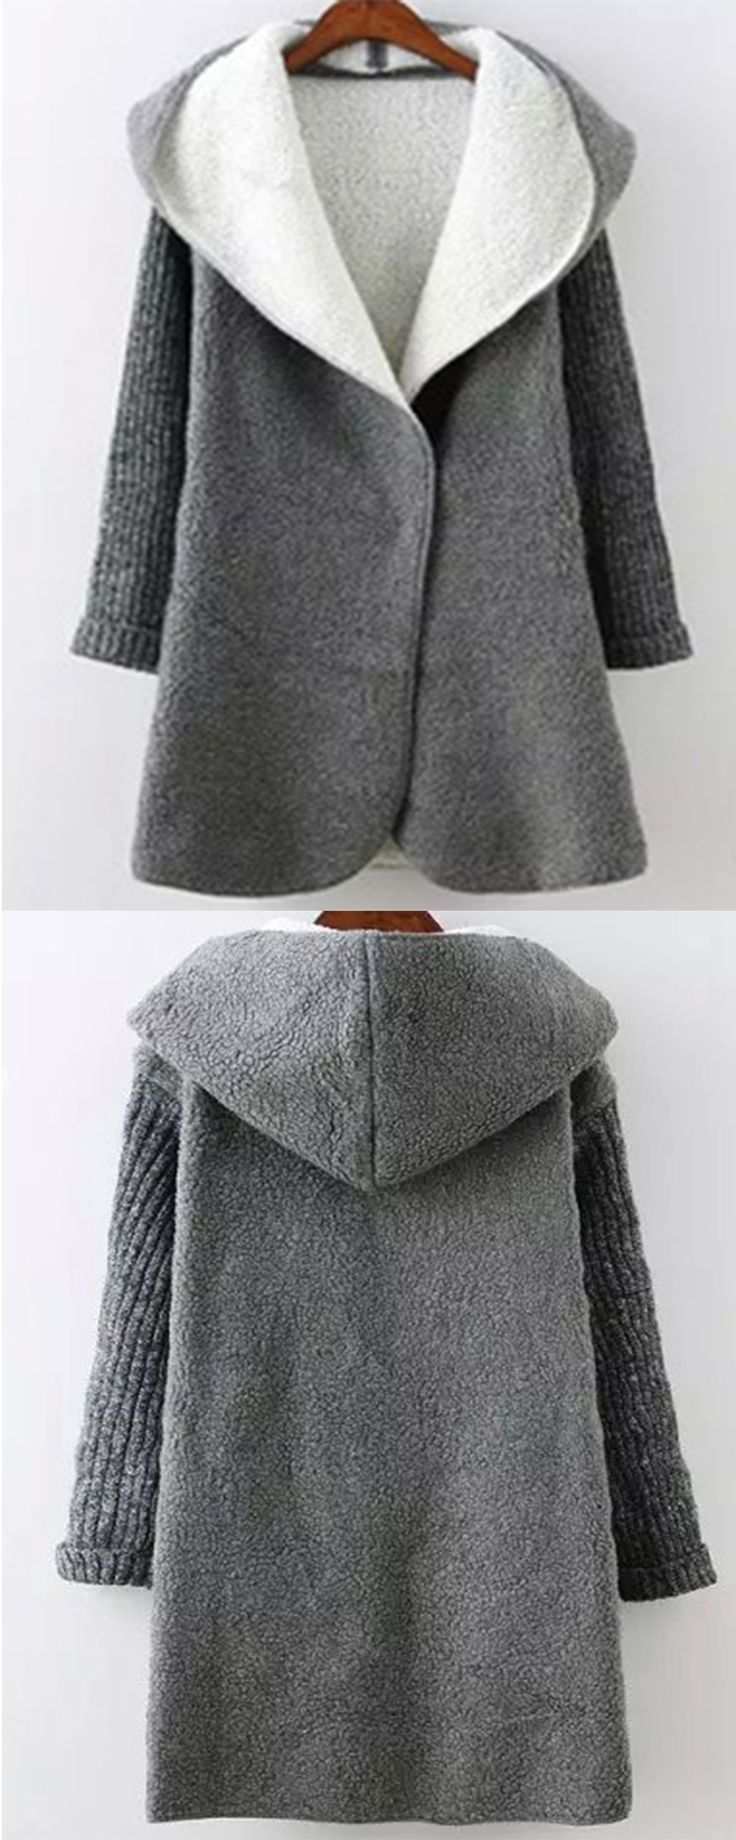 Best 25  Warm coat ideas on Pinterest | Girls winter jackets, Baby ...